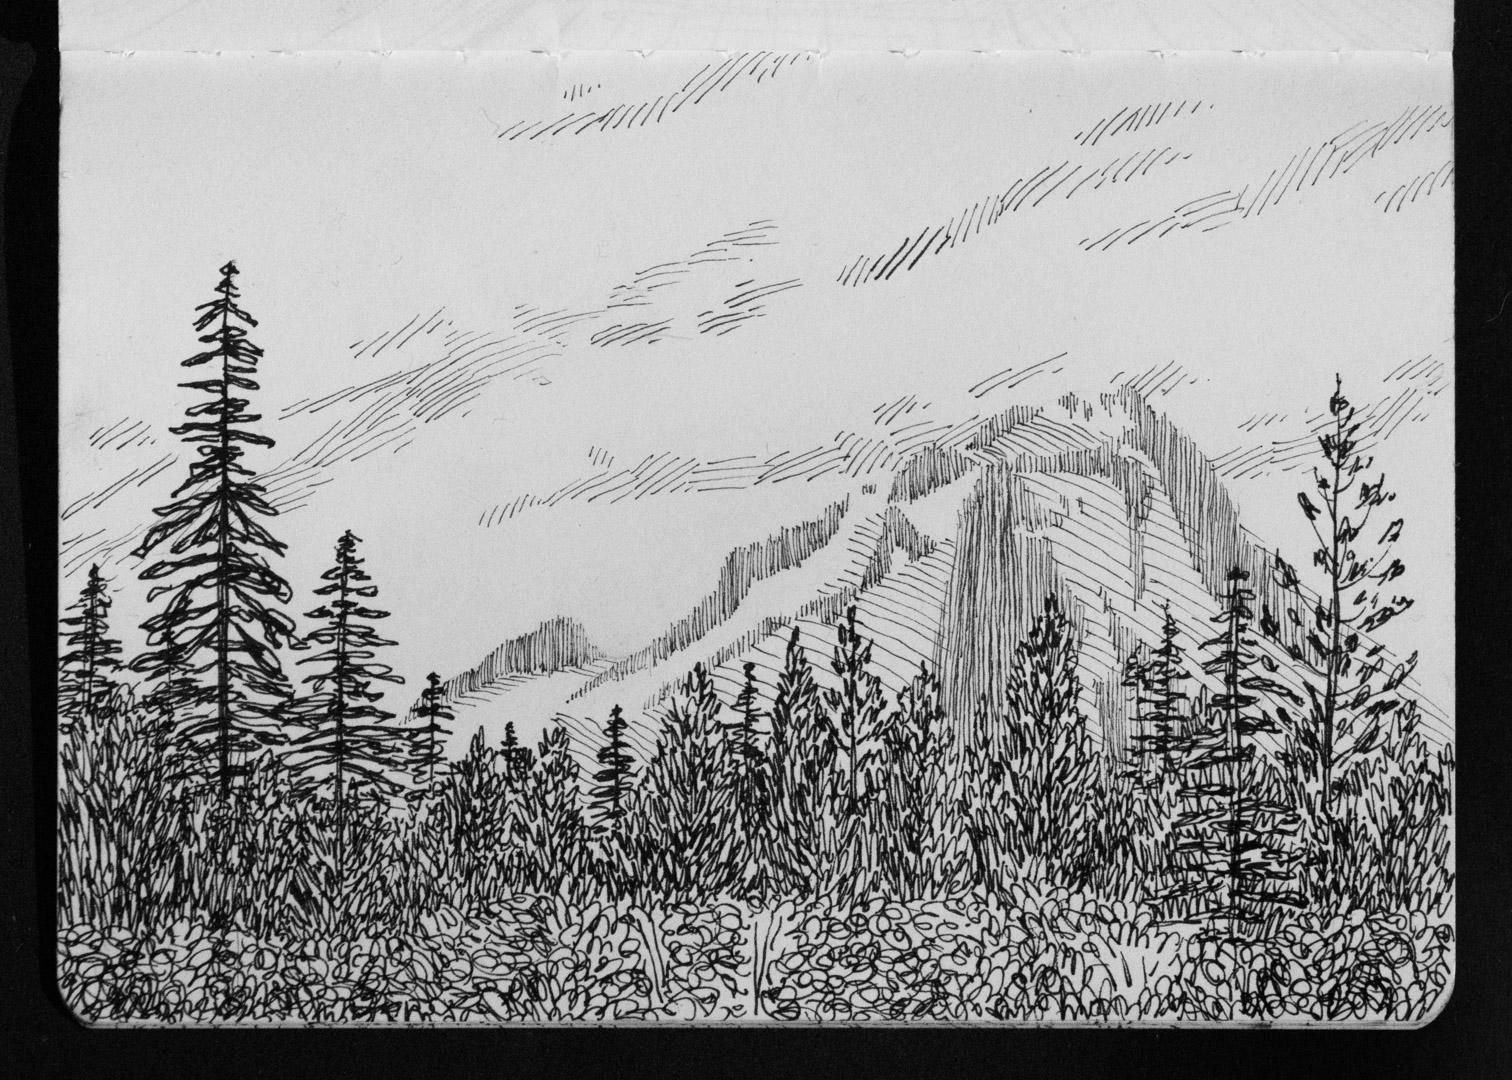 01-21 Mt Hood from White River.jpg